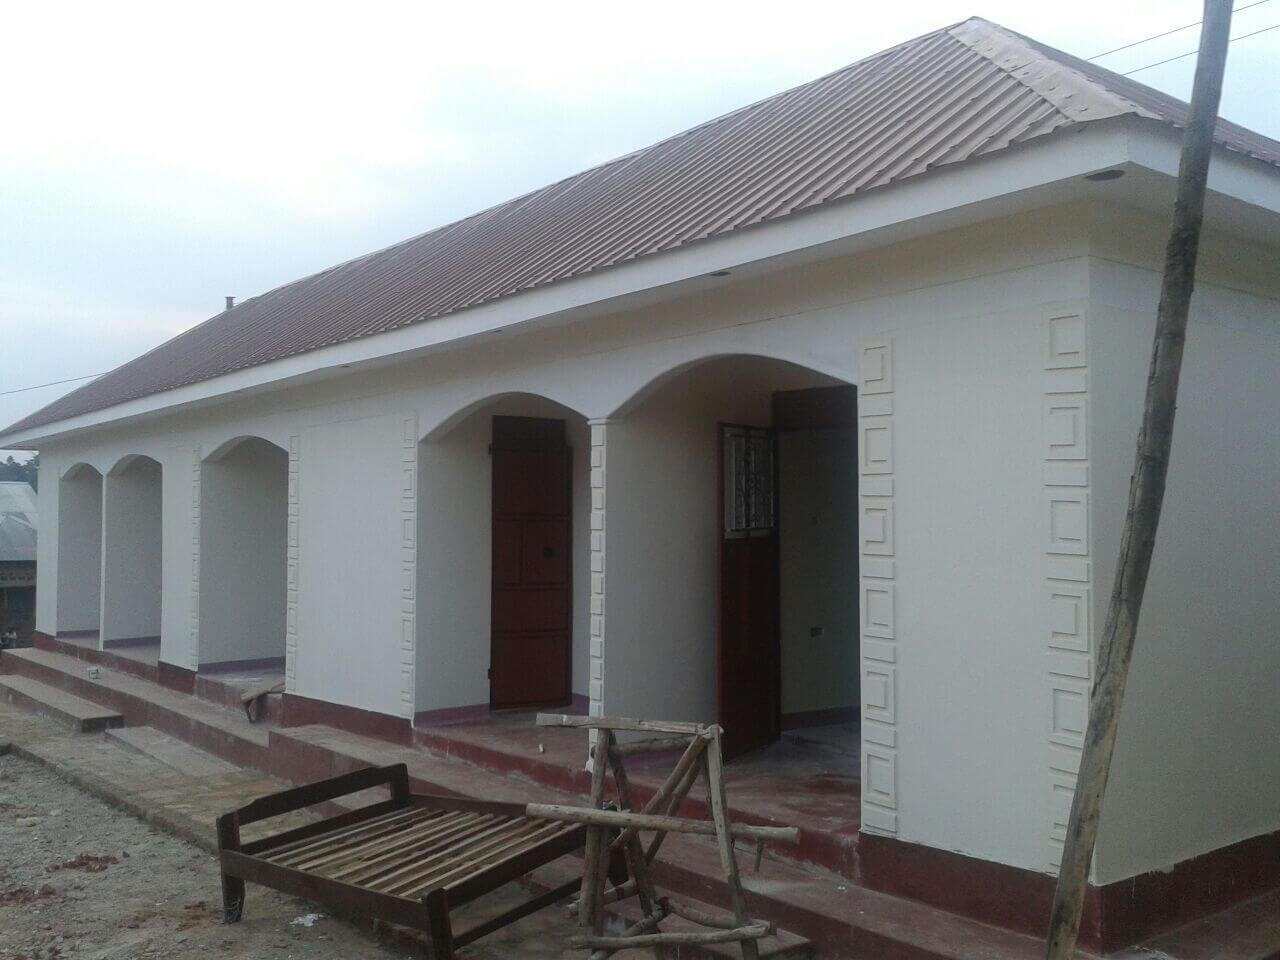 New Rooms underconstruction at Ndagire Hostel